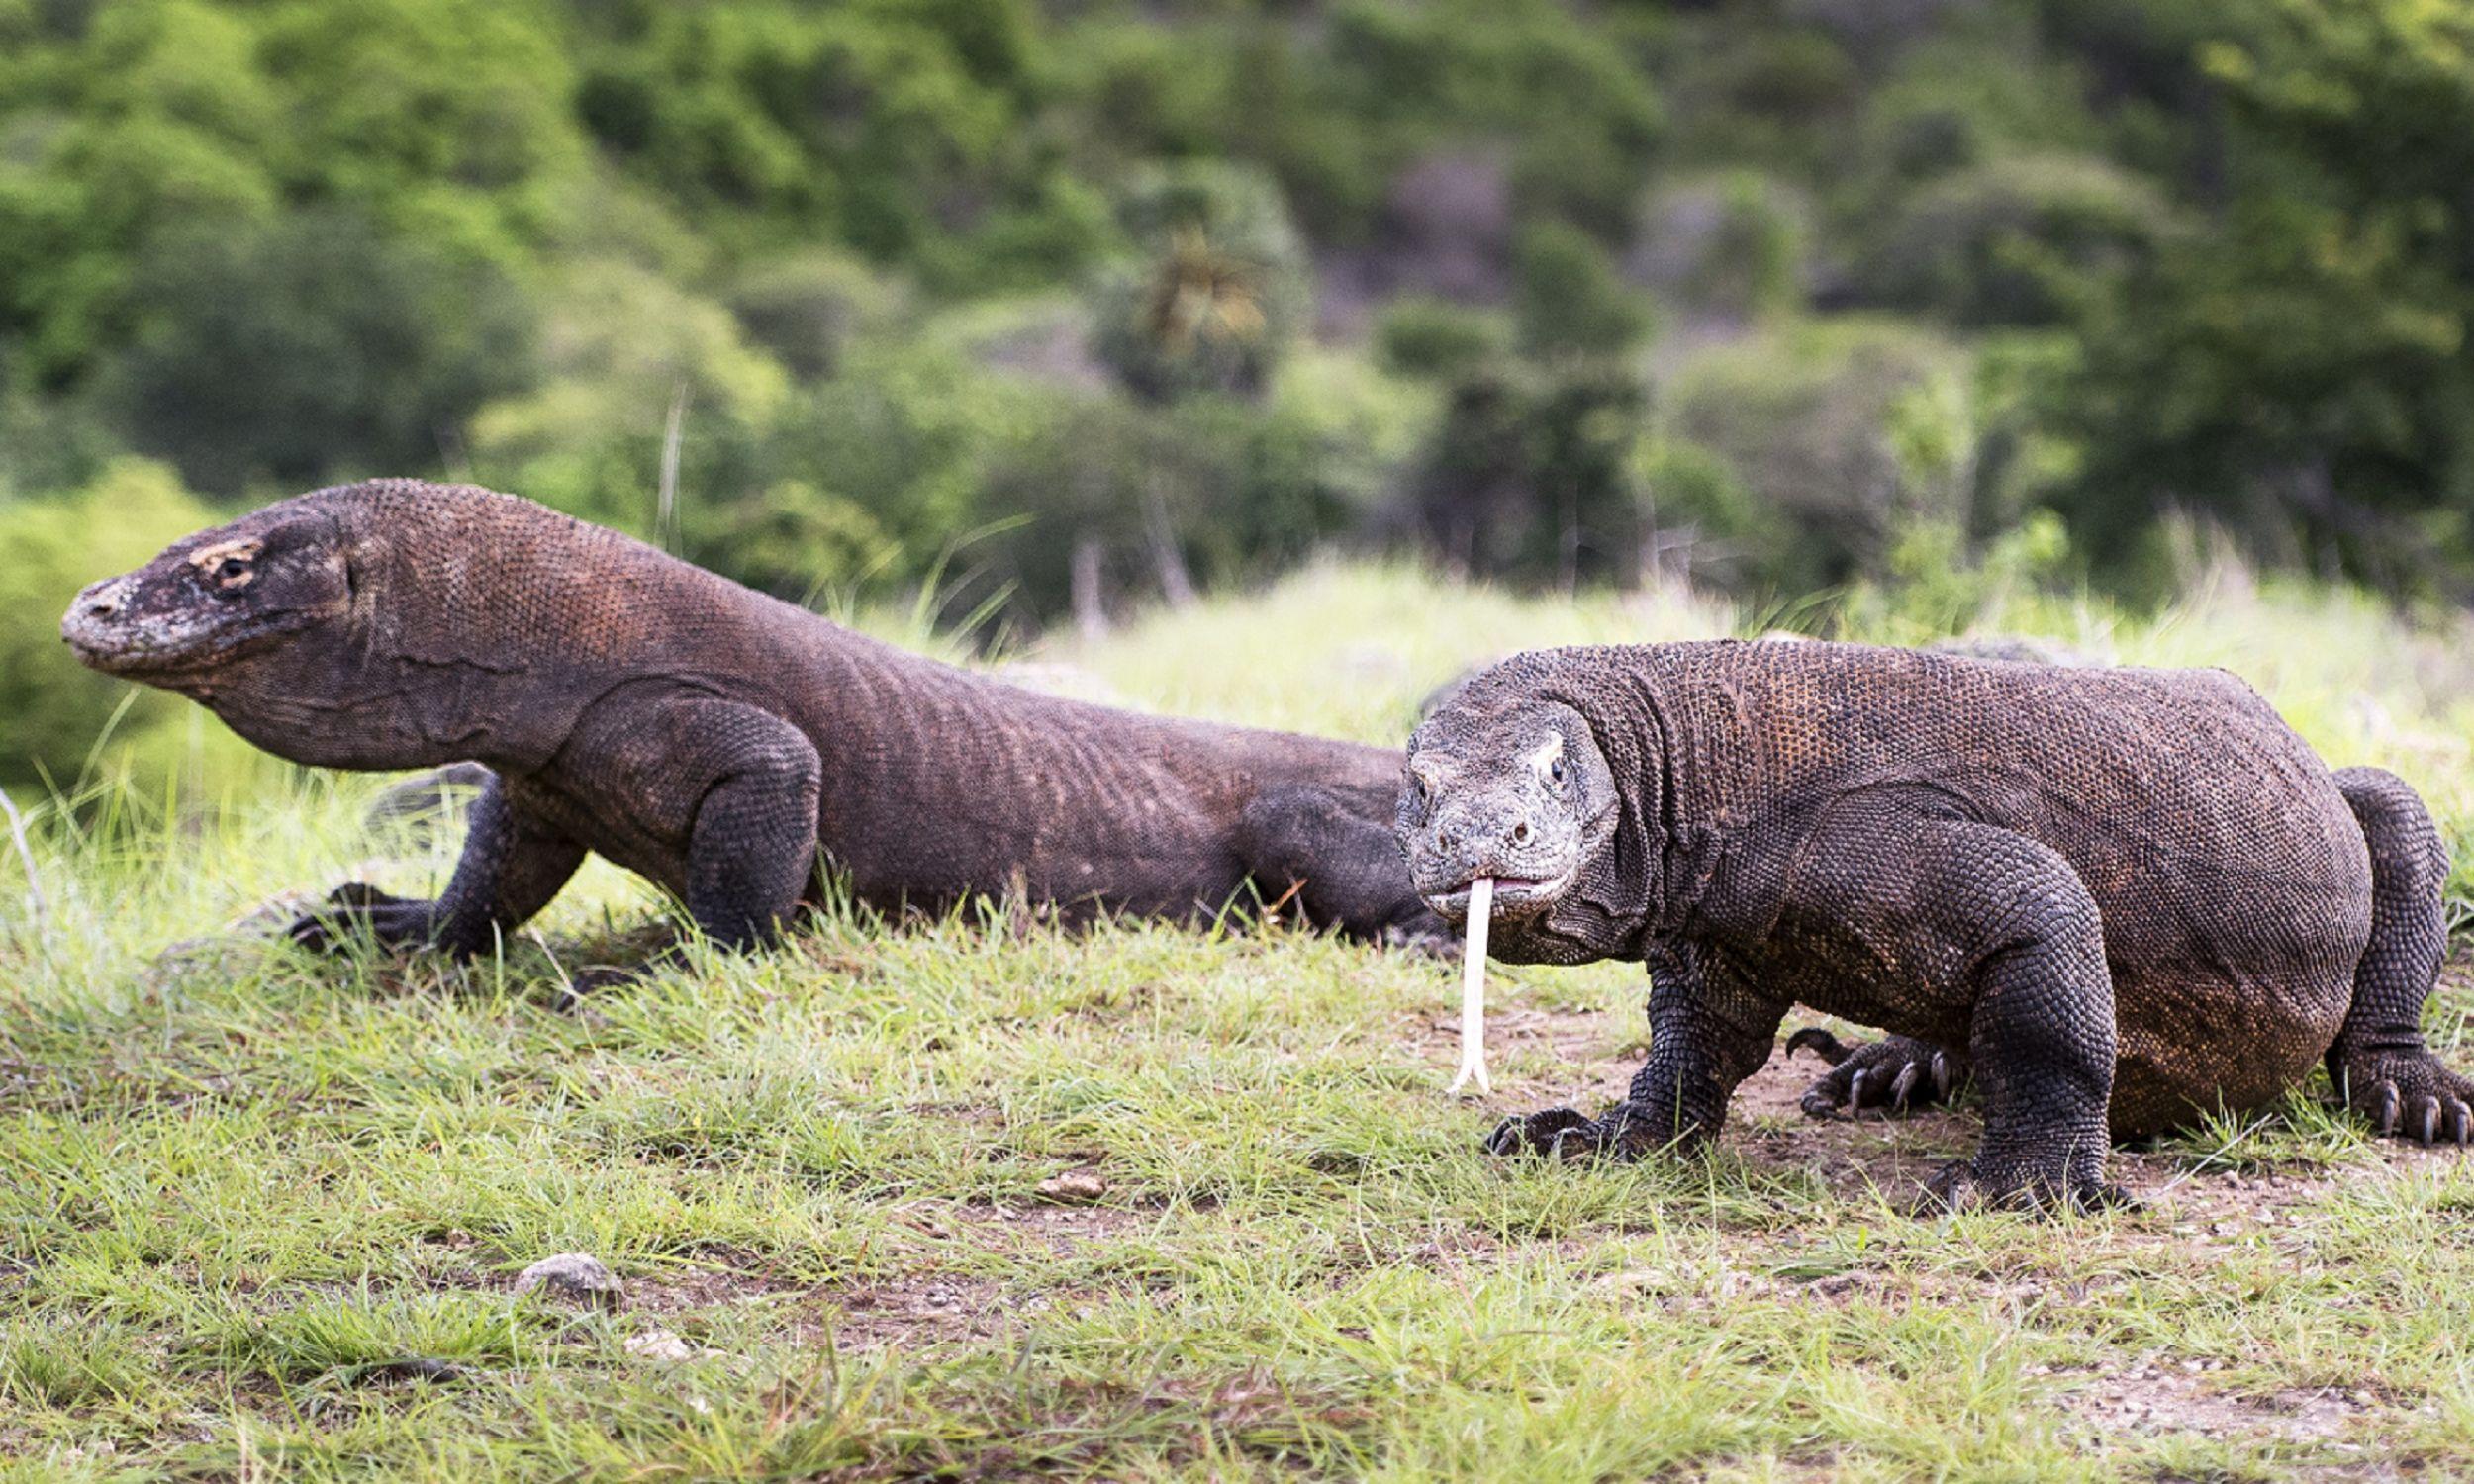 Smok z Komodo jest jednym z najbardziej przerażających zwierząt na Ziemi. Ta największa na świecie jaszczurka jest wszystkożerna. Ma ostre pazury, potężne nogi i tajną broń – toksyczną ślinę. Zawiera ono około 50 szczepów bakterii, ugryzienie smoka jest więc śmiertelne – zabija jego ofiarę w ciągu 24 godzin. Fot. Yulia Sundukova / Barcroft Image / Barcroft Media via Getty Images